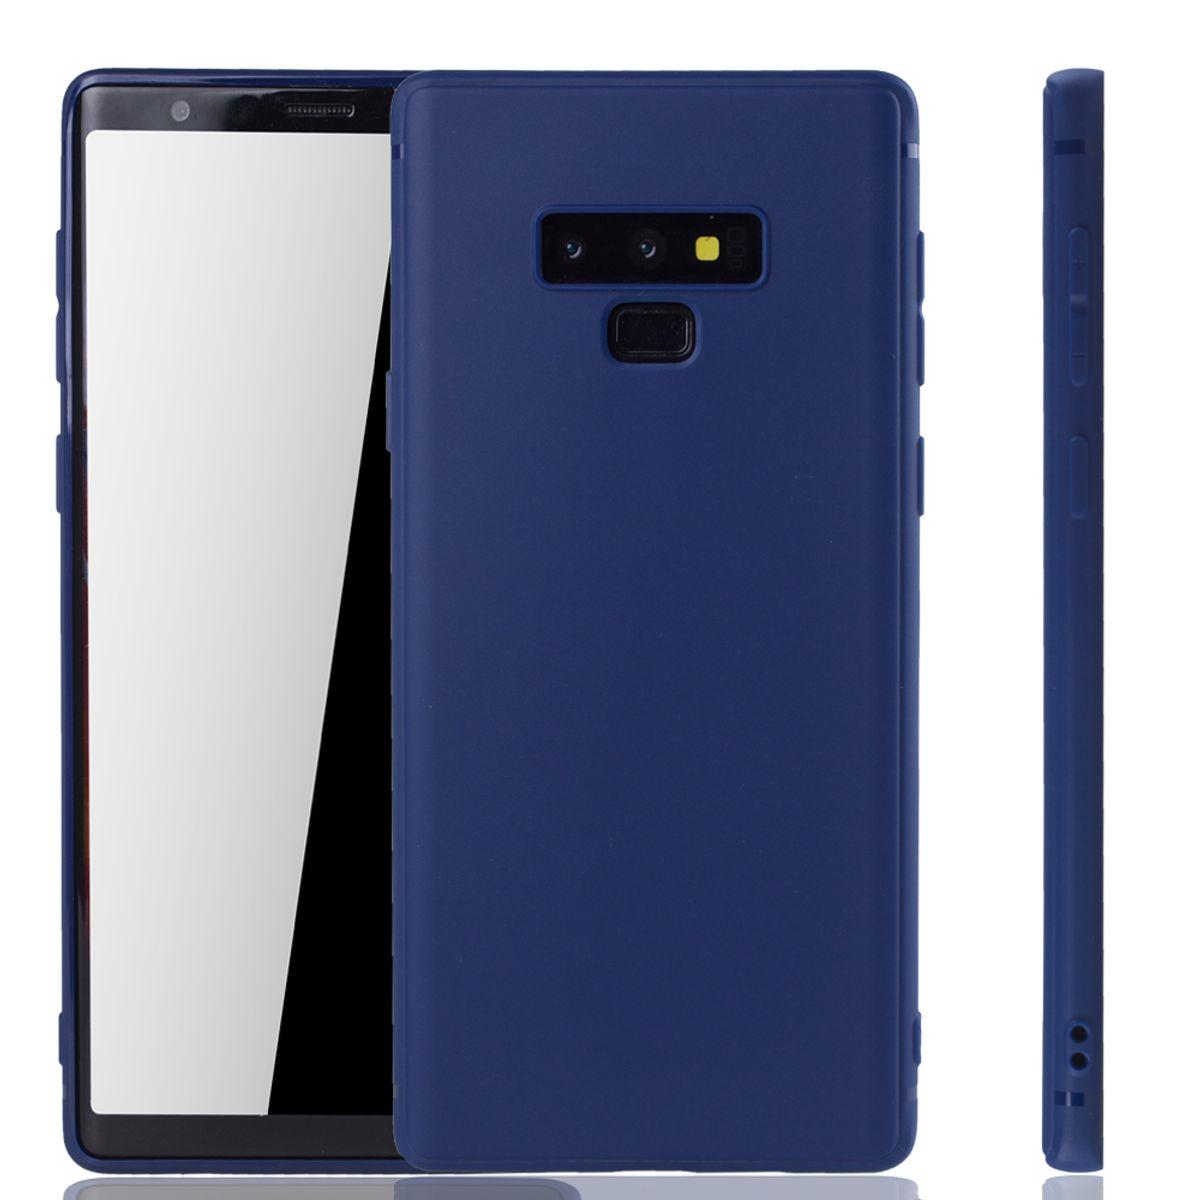 Galaxy Hülle Blau Note Backcover Samsung 9 Tasche Handyhülle Case Schutzcase qSzpMGUV